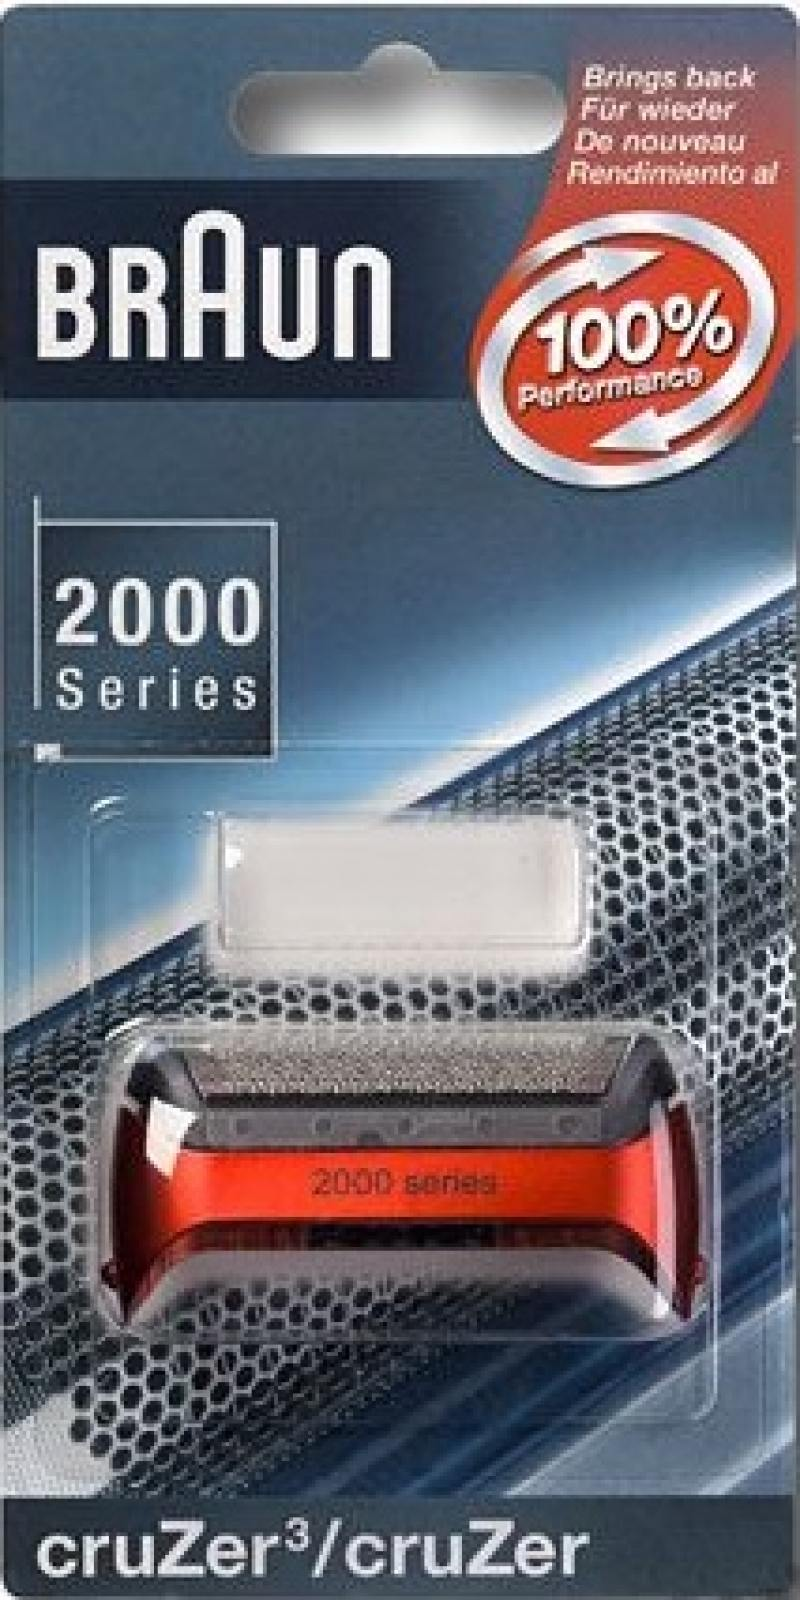 Сетка Braun 2000 CruZer 20S красный сетка для бритвы braun 20s